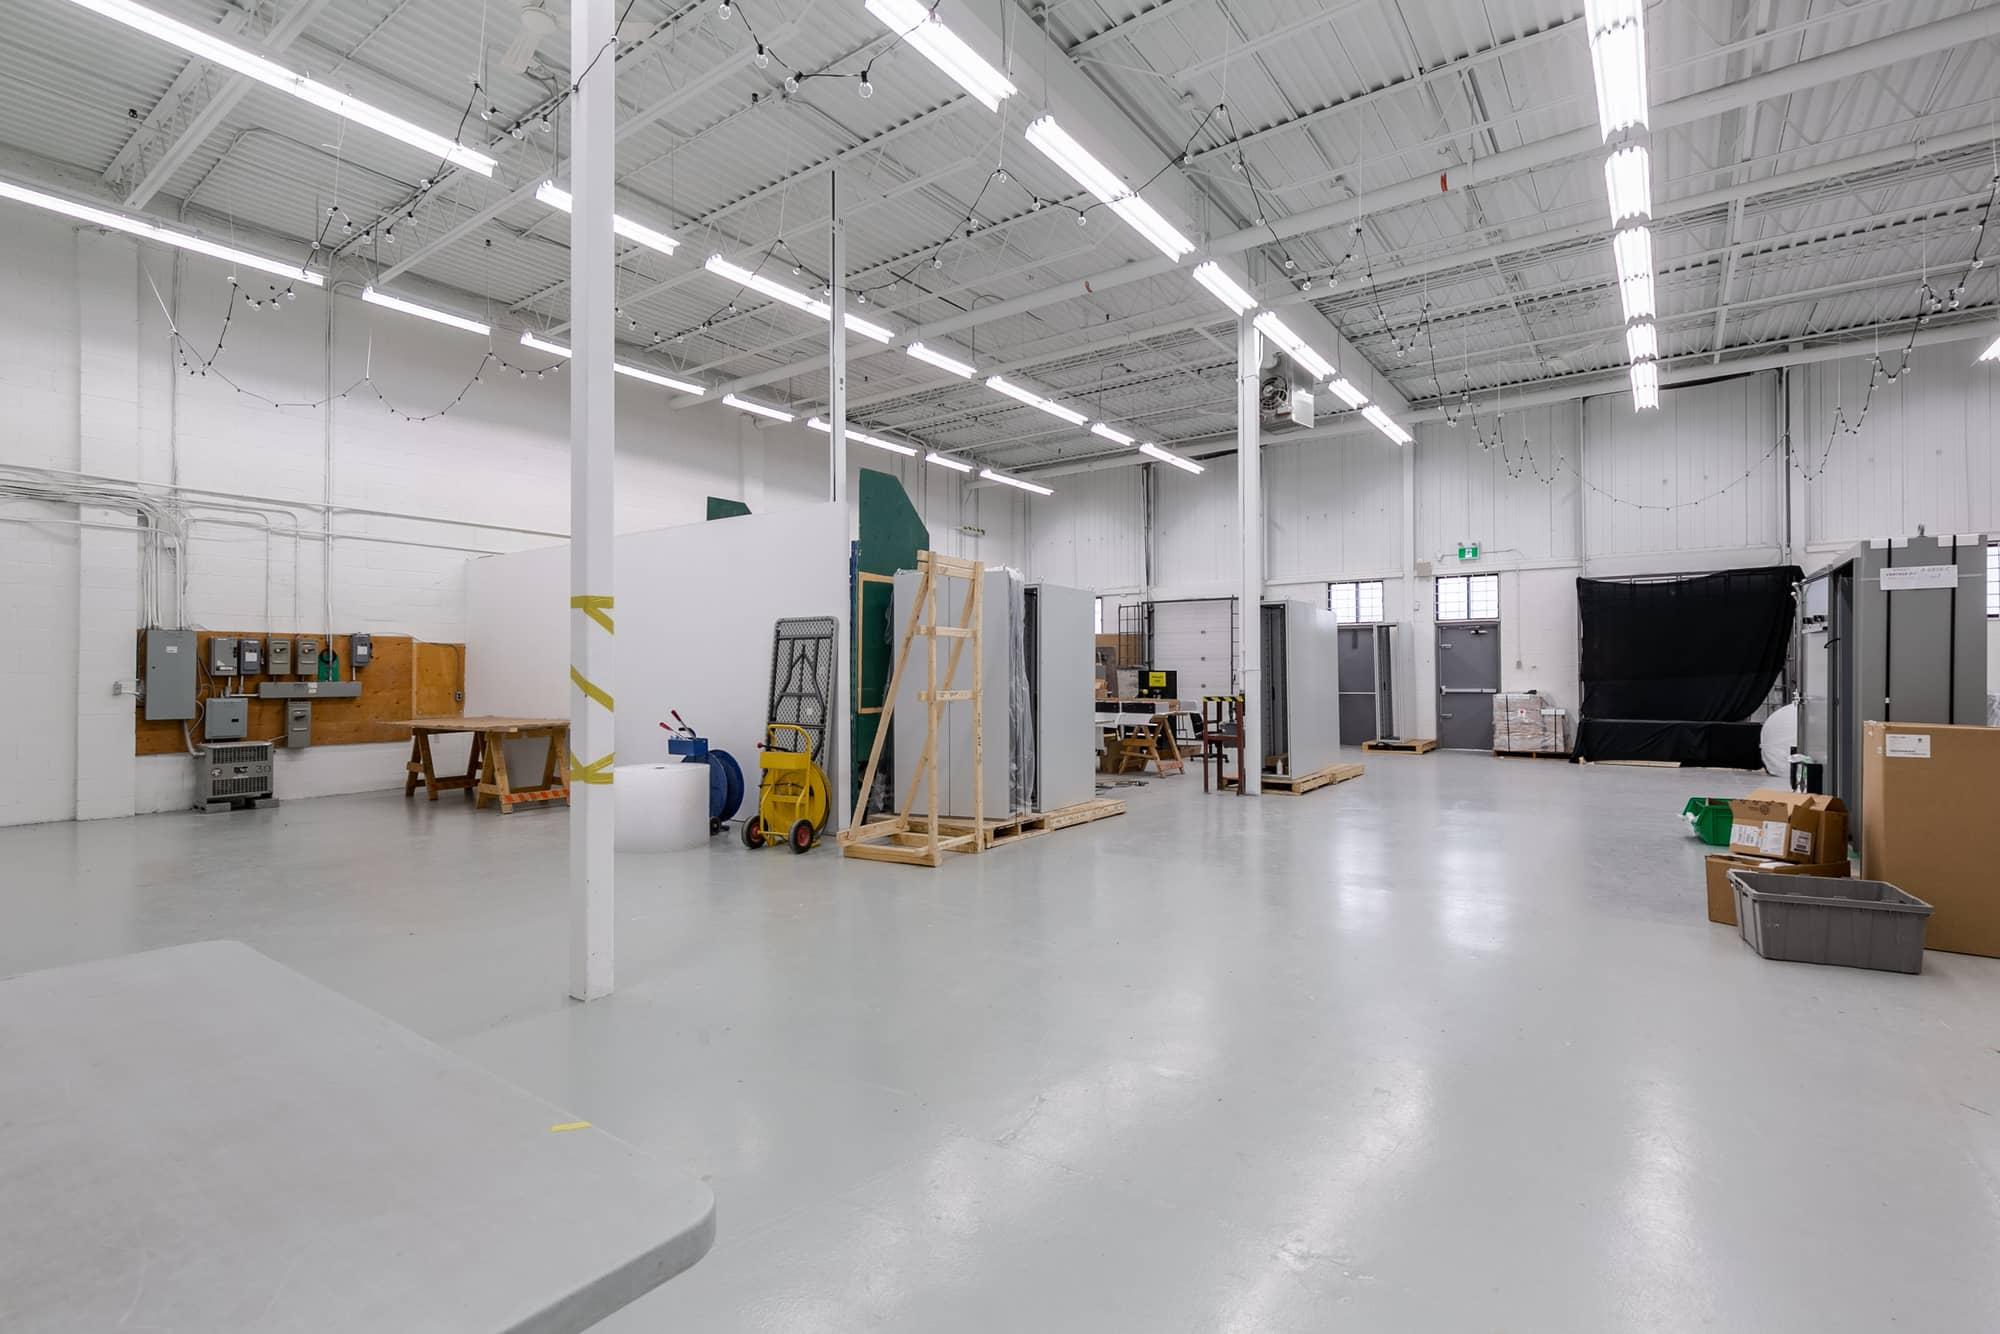 warehouse with concrete floor